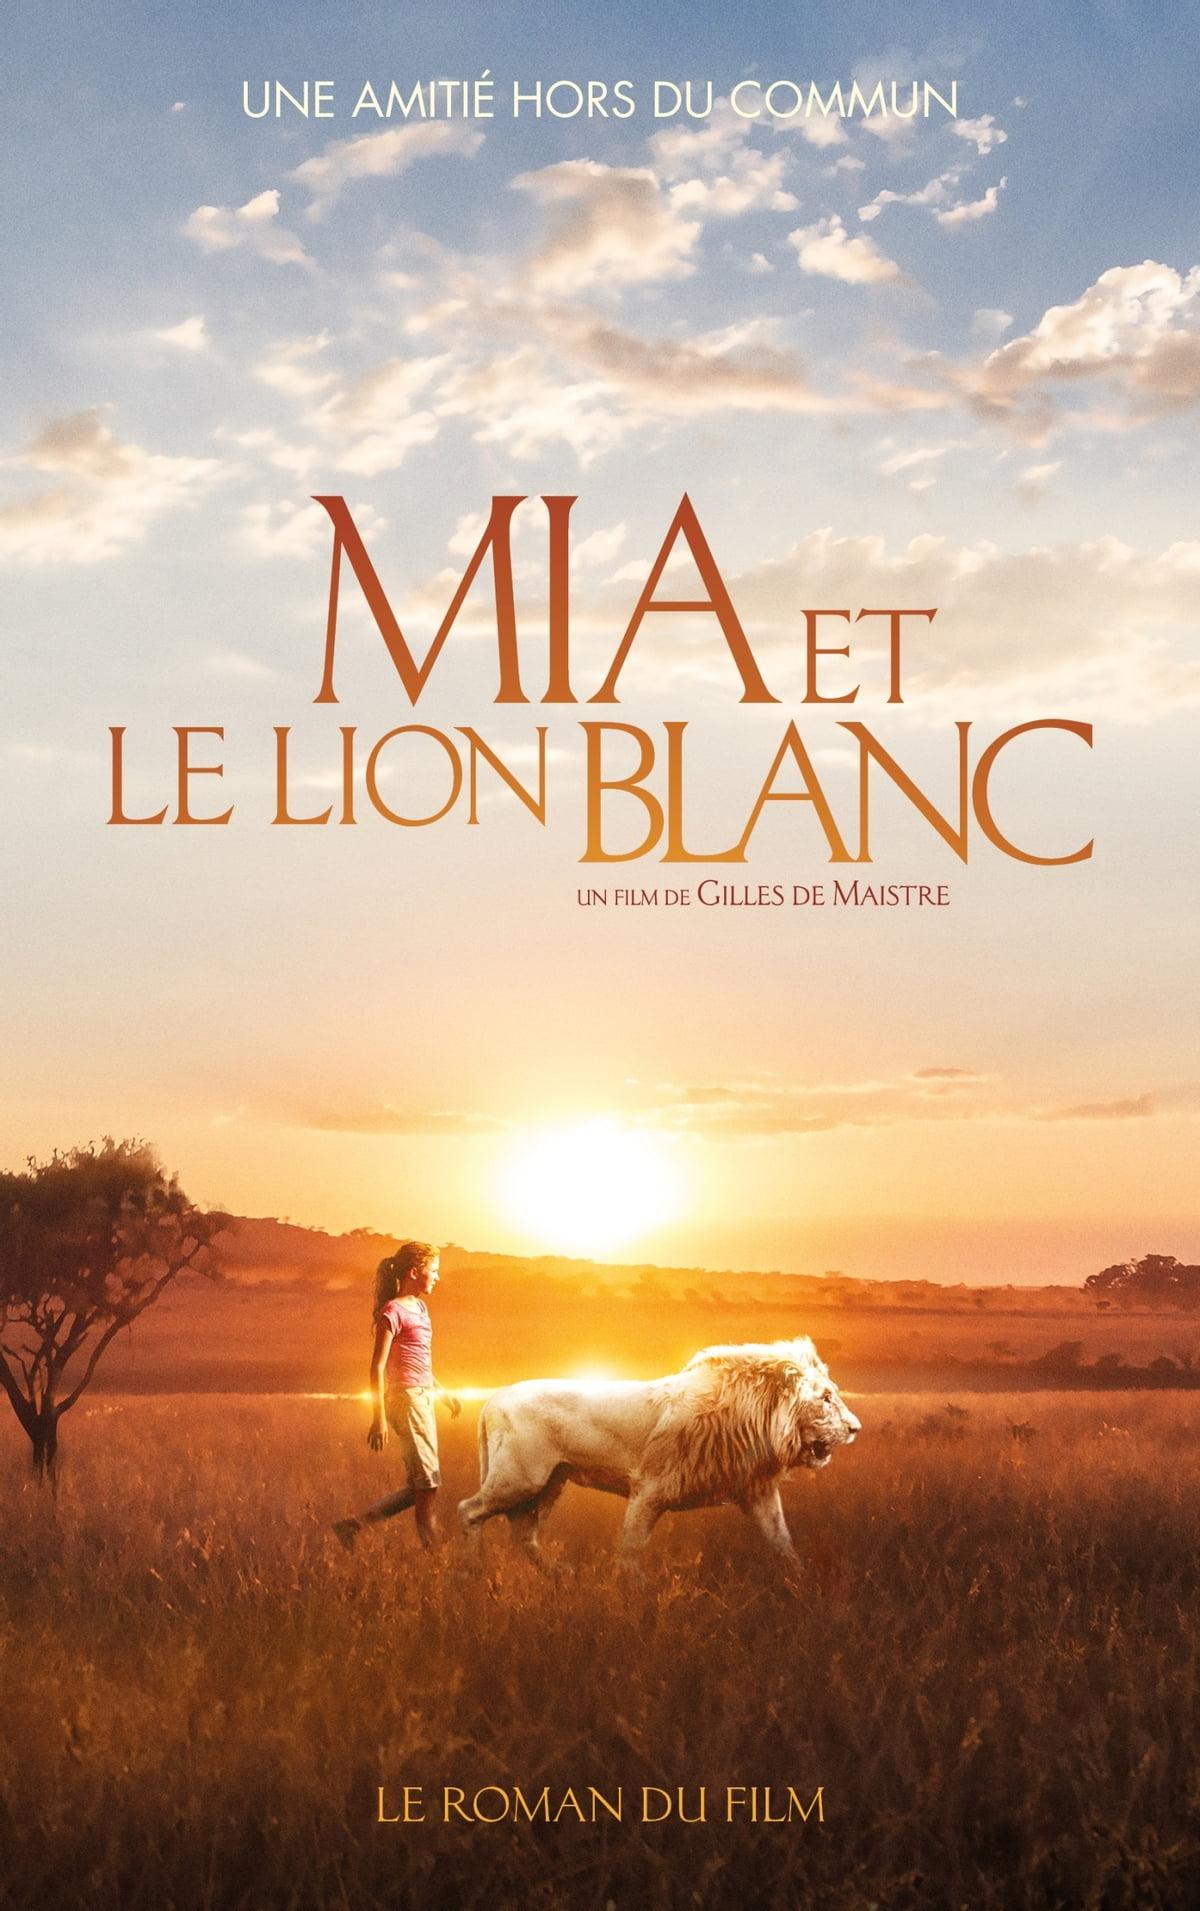 Mia Et Le Lion Blanc Stream Complet : blanc, stream, complet, Blanc, Streaming, Complet